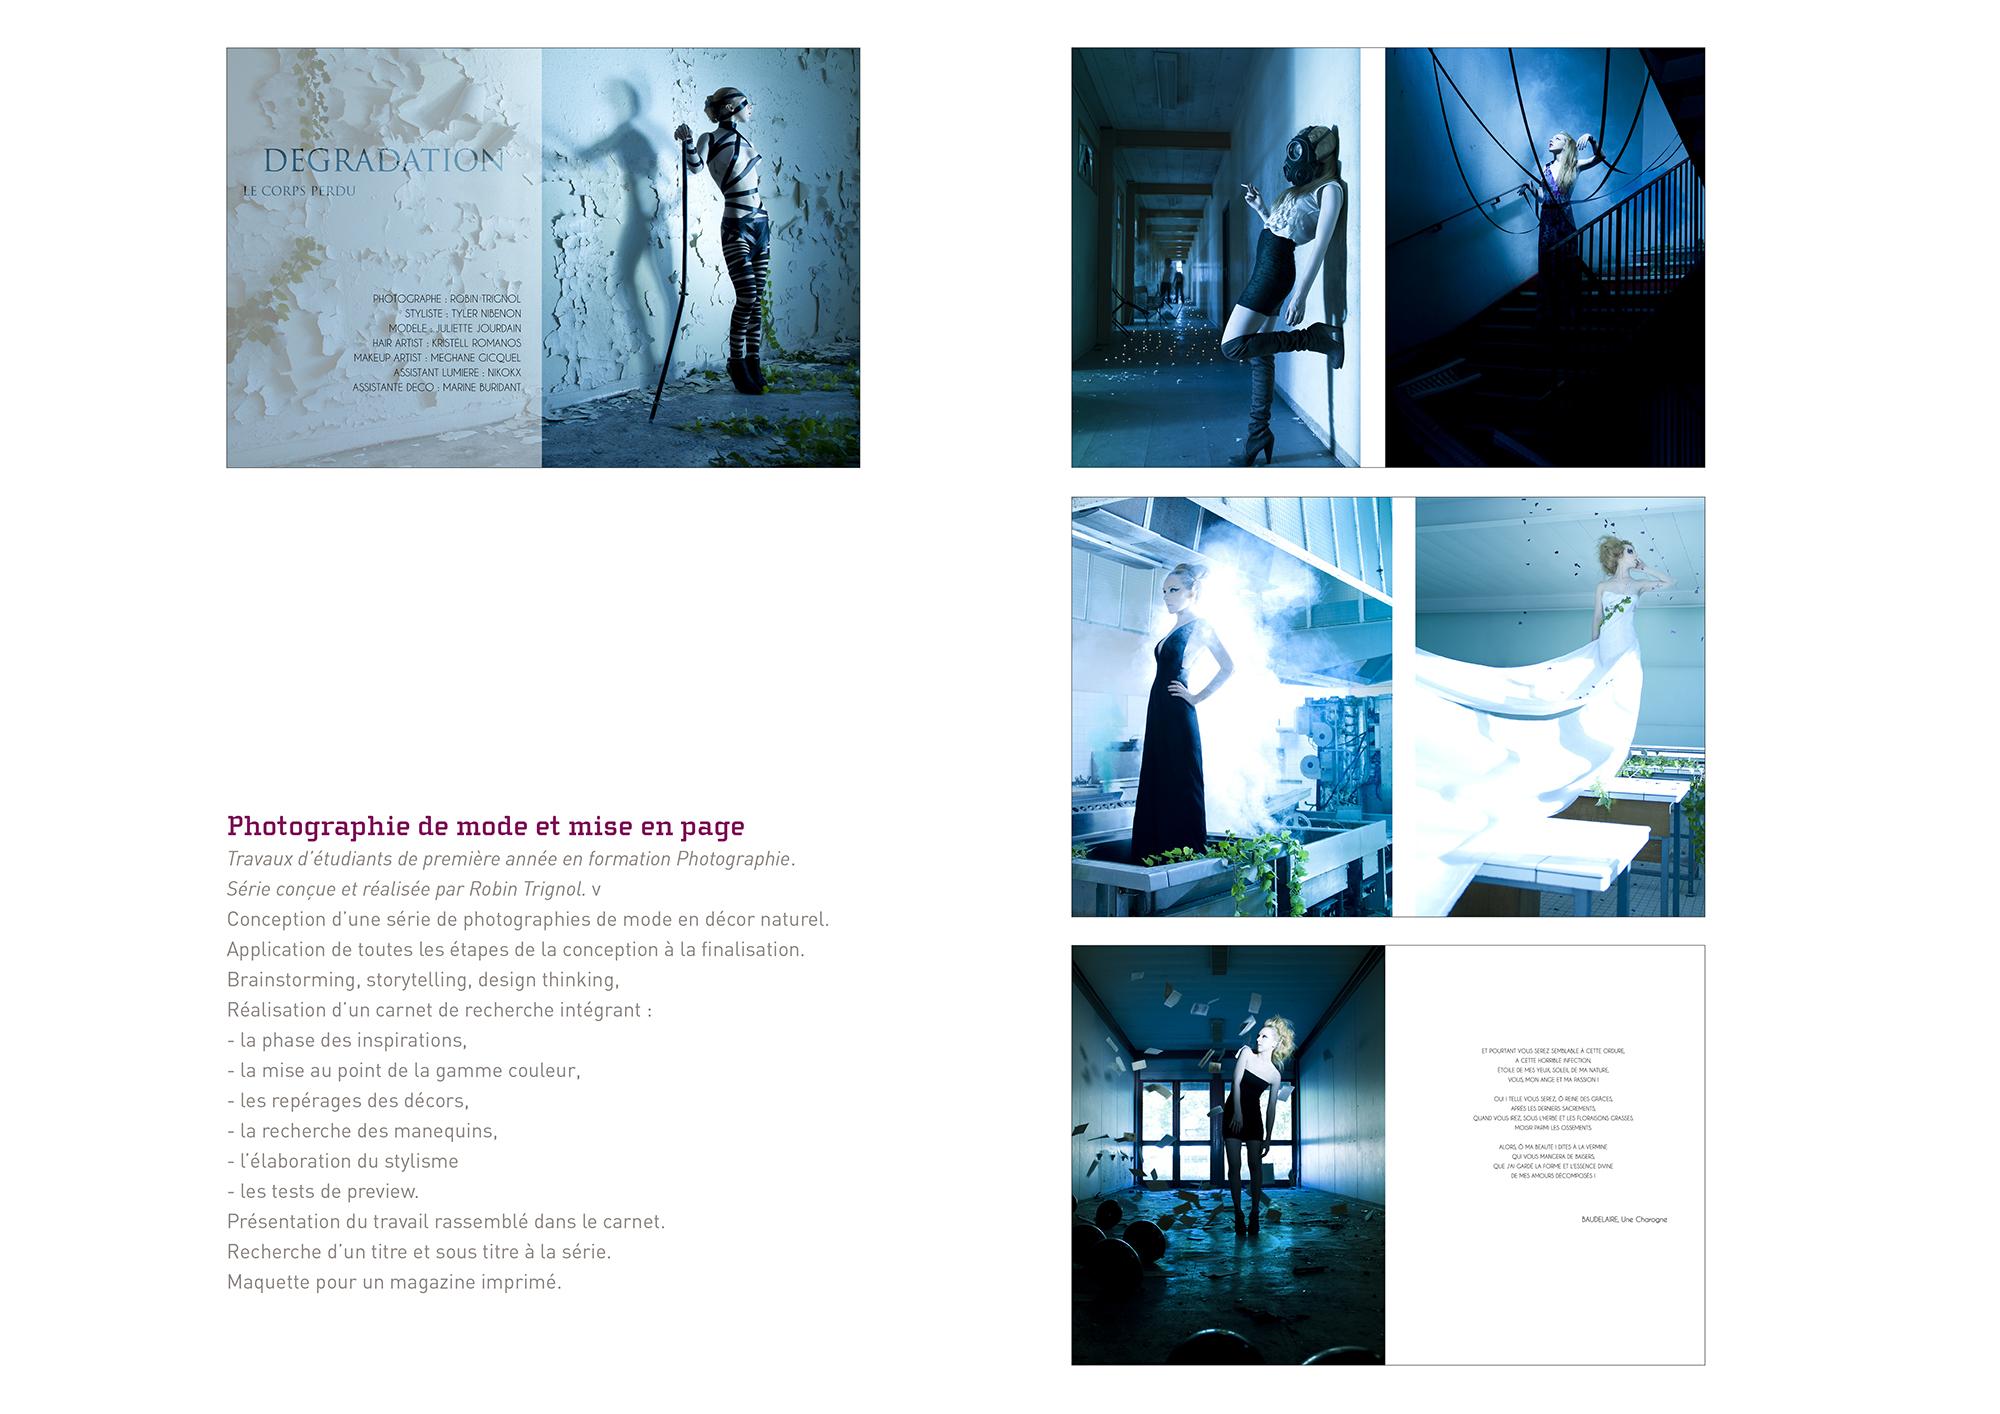 04-Travaux-etudiants-en-formation-photographie-mode-en-décor-naturel-Trignol